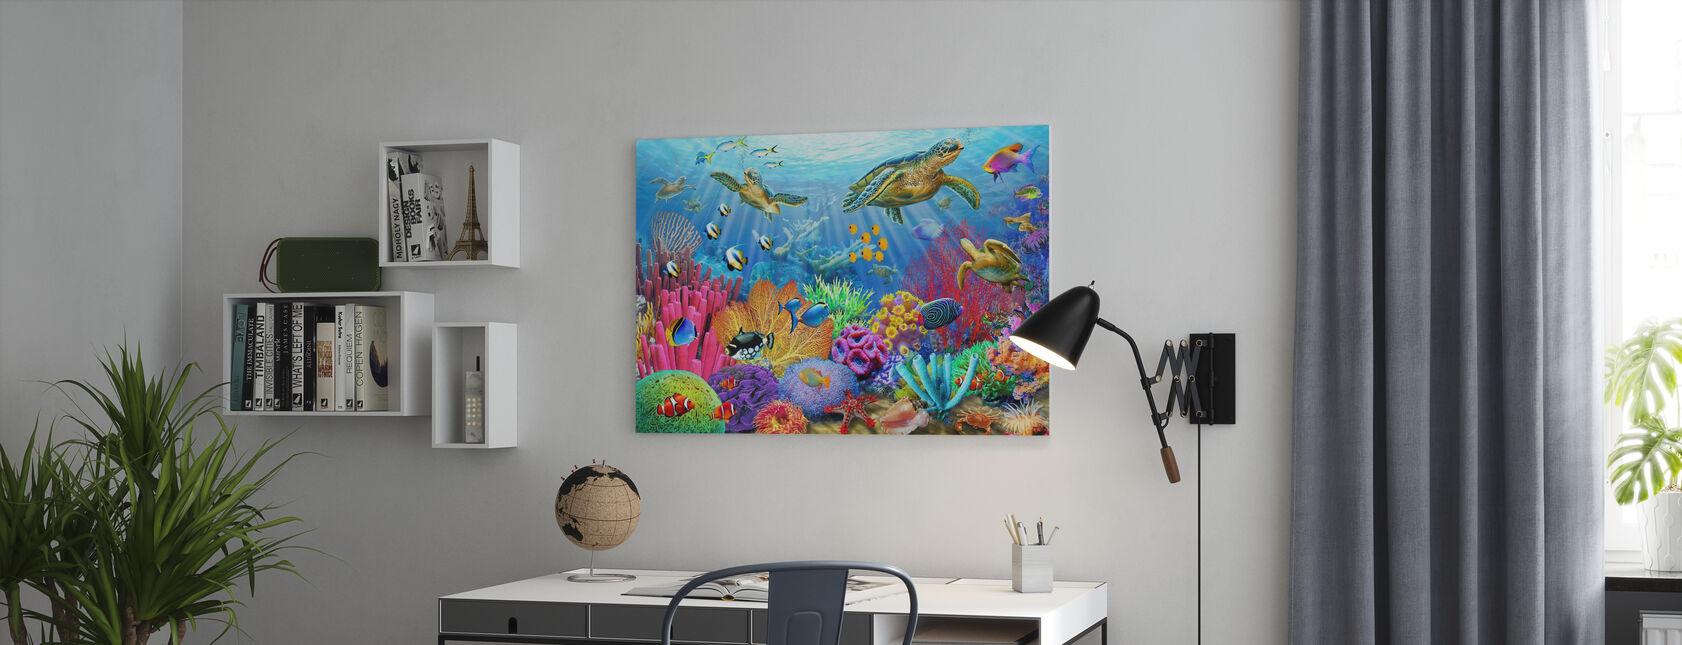 Schildpad Koraalrif - Canvas print - Kantoor